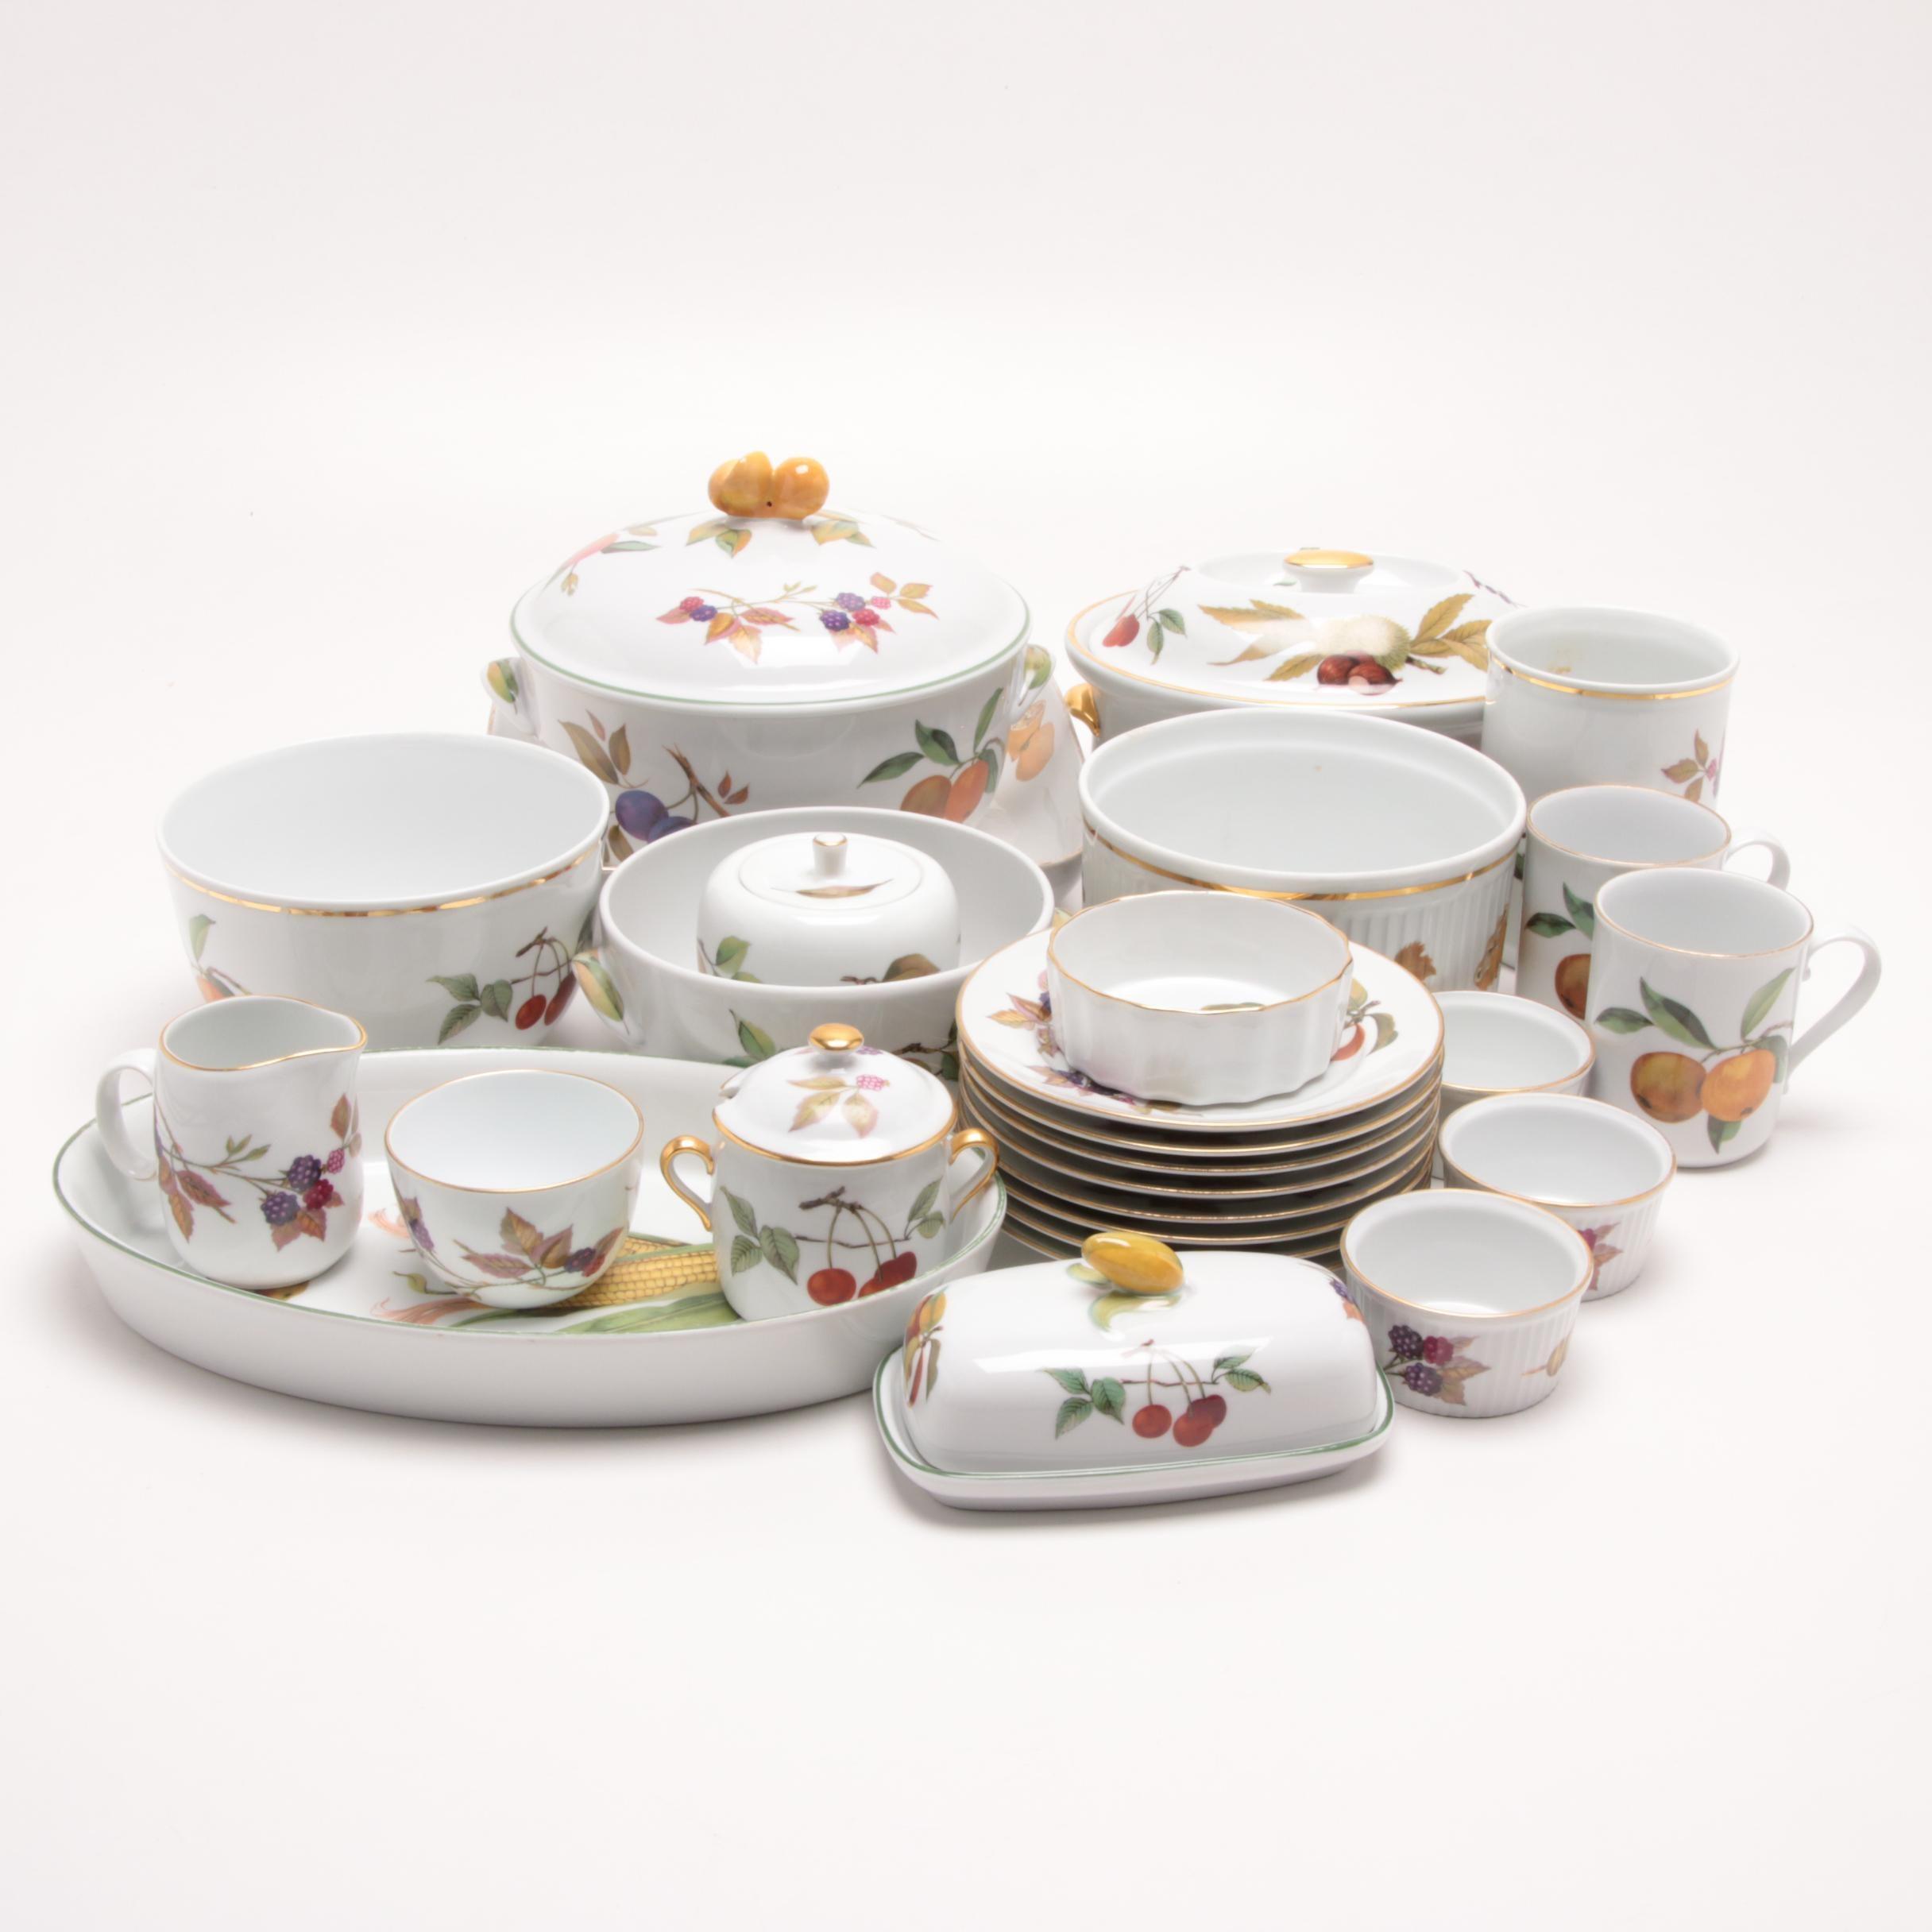 """Royal Worcester """"Evesham Vale"""" Porcelain Tableware"""